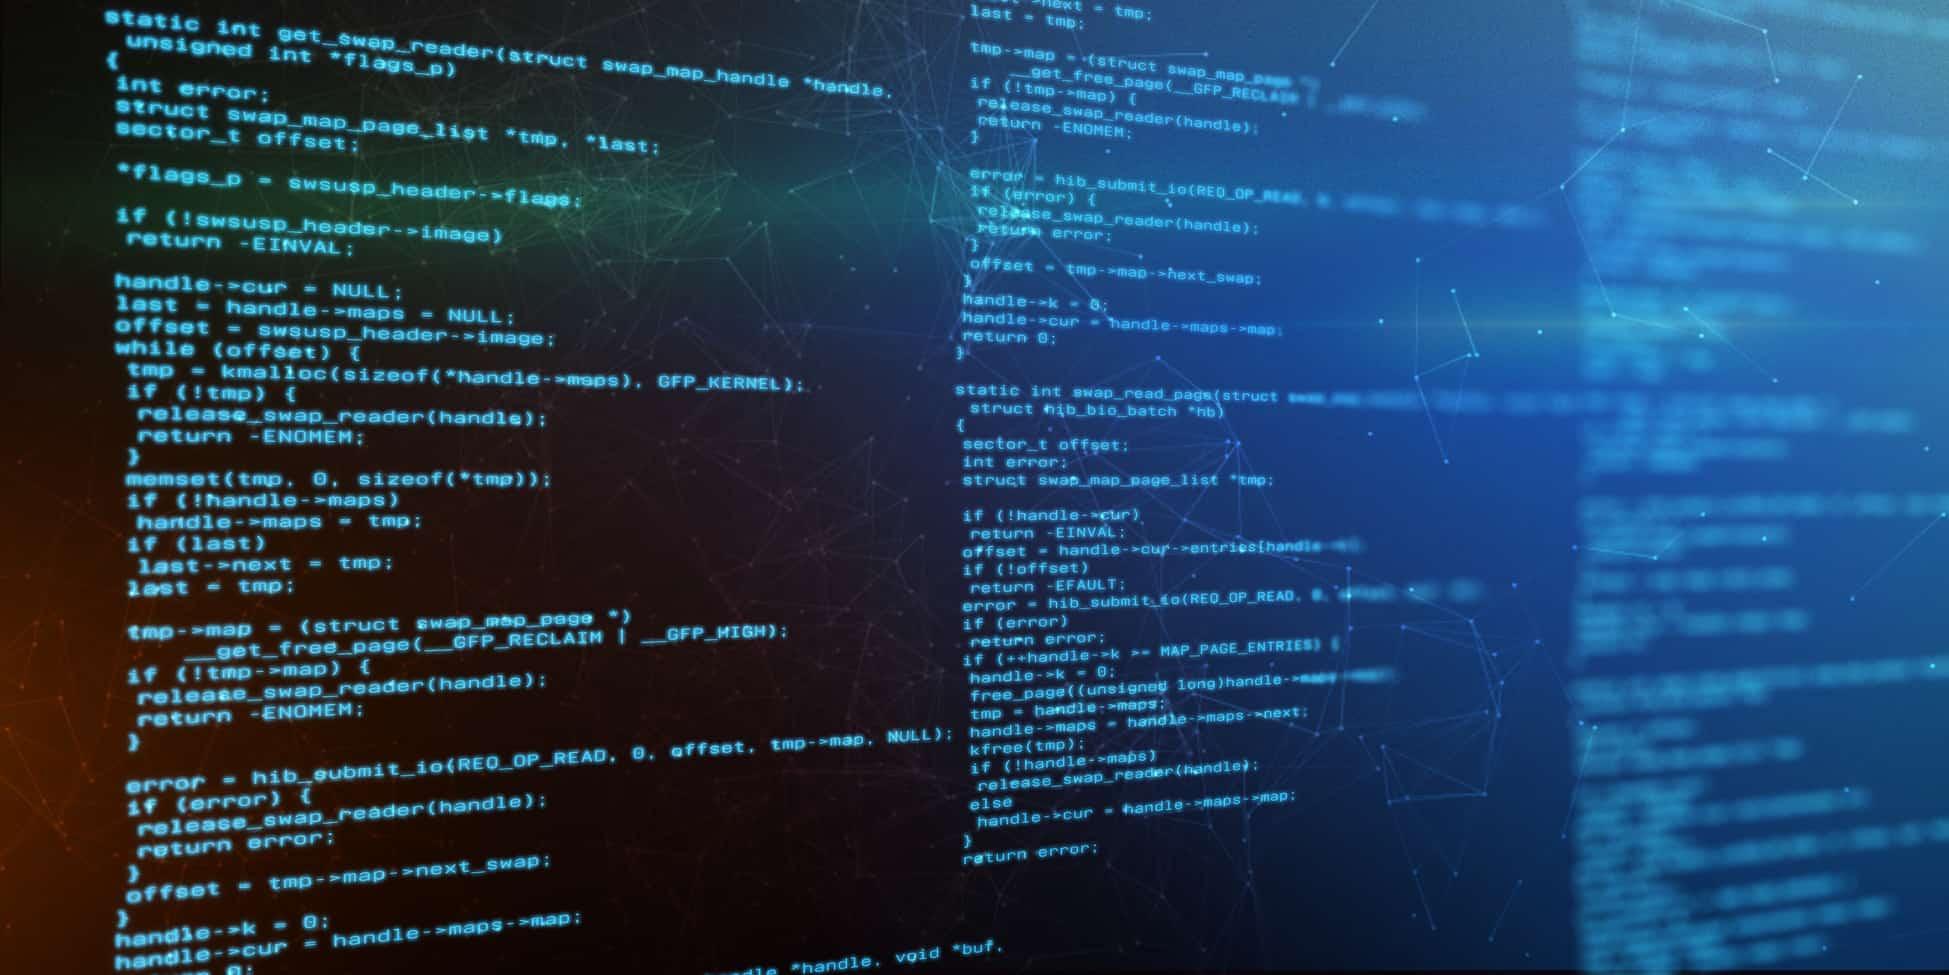 Seguramente en las últimas dos semanas han estado recibiendo cualquier cantidad de correos electrónicos avisándoles sobre cambios en la protección de sus datos. Lo anterior se debe a que recientemente entraron en vigor los cambios hechos a la legislación de Protección de Datos en la Unión Europea (UE).